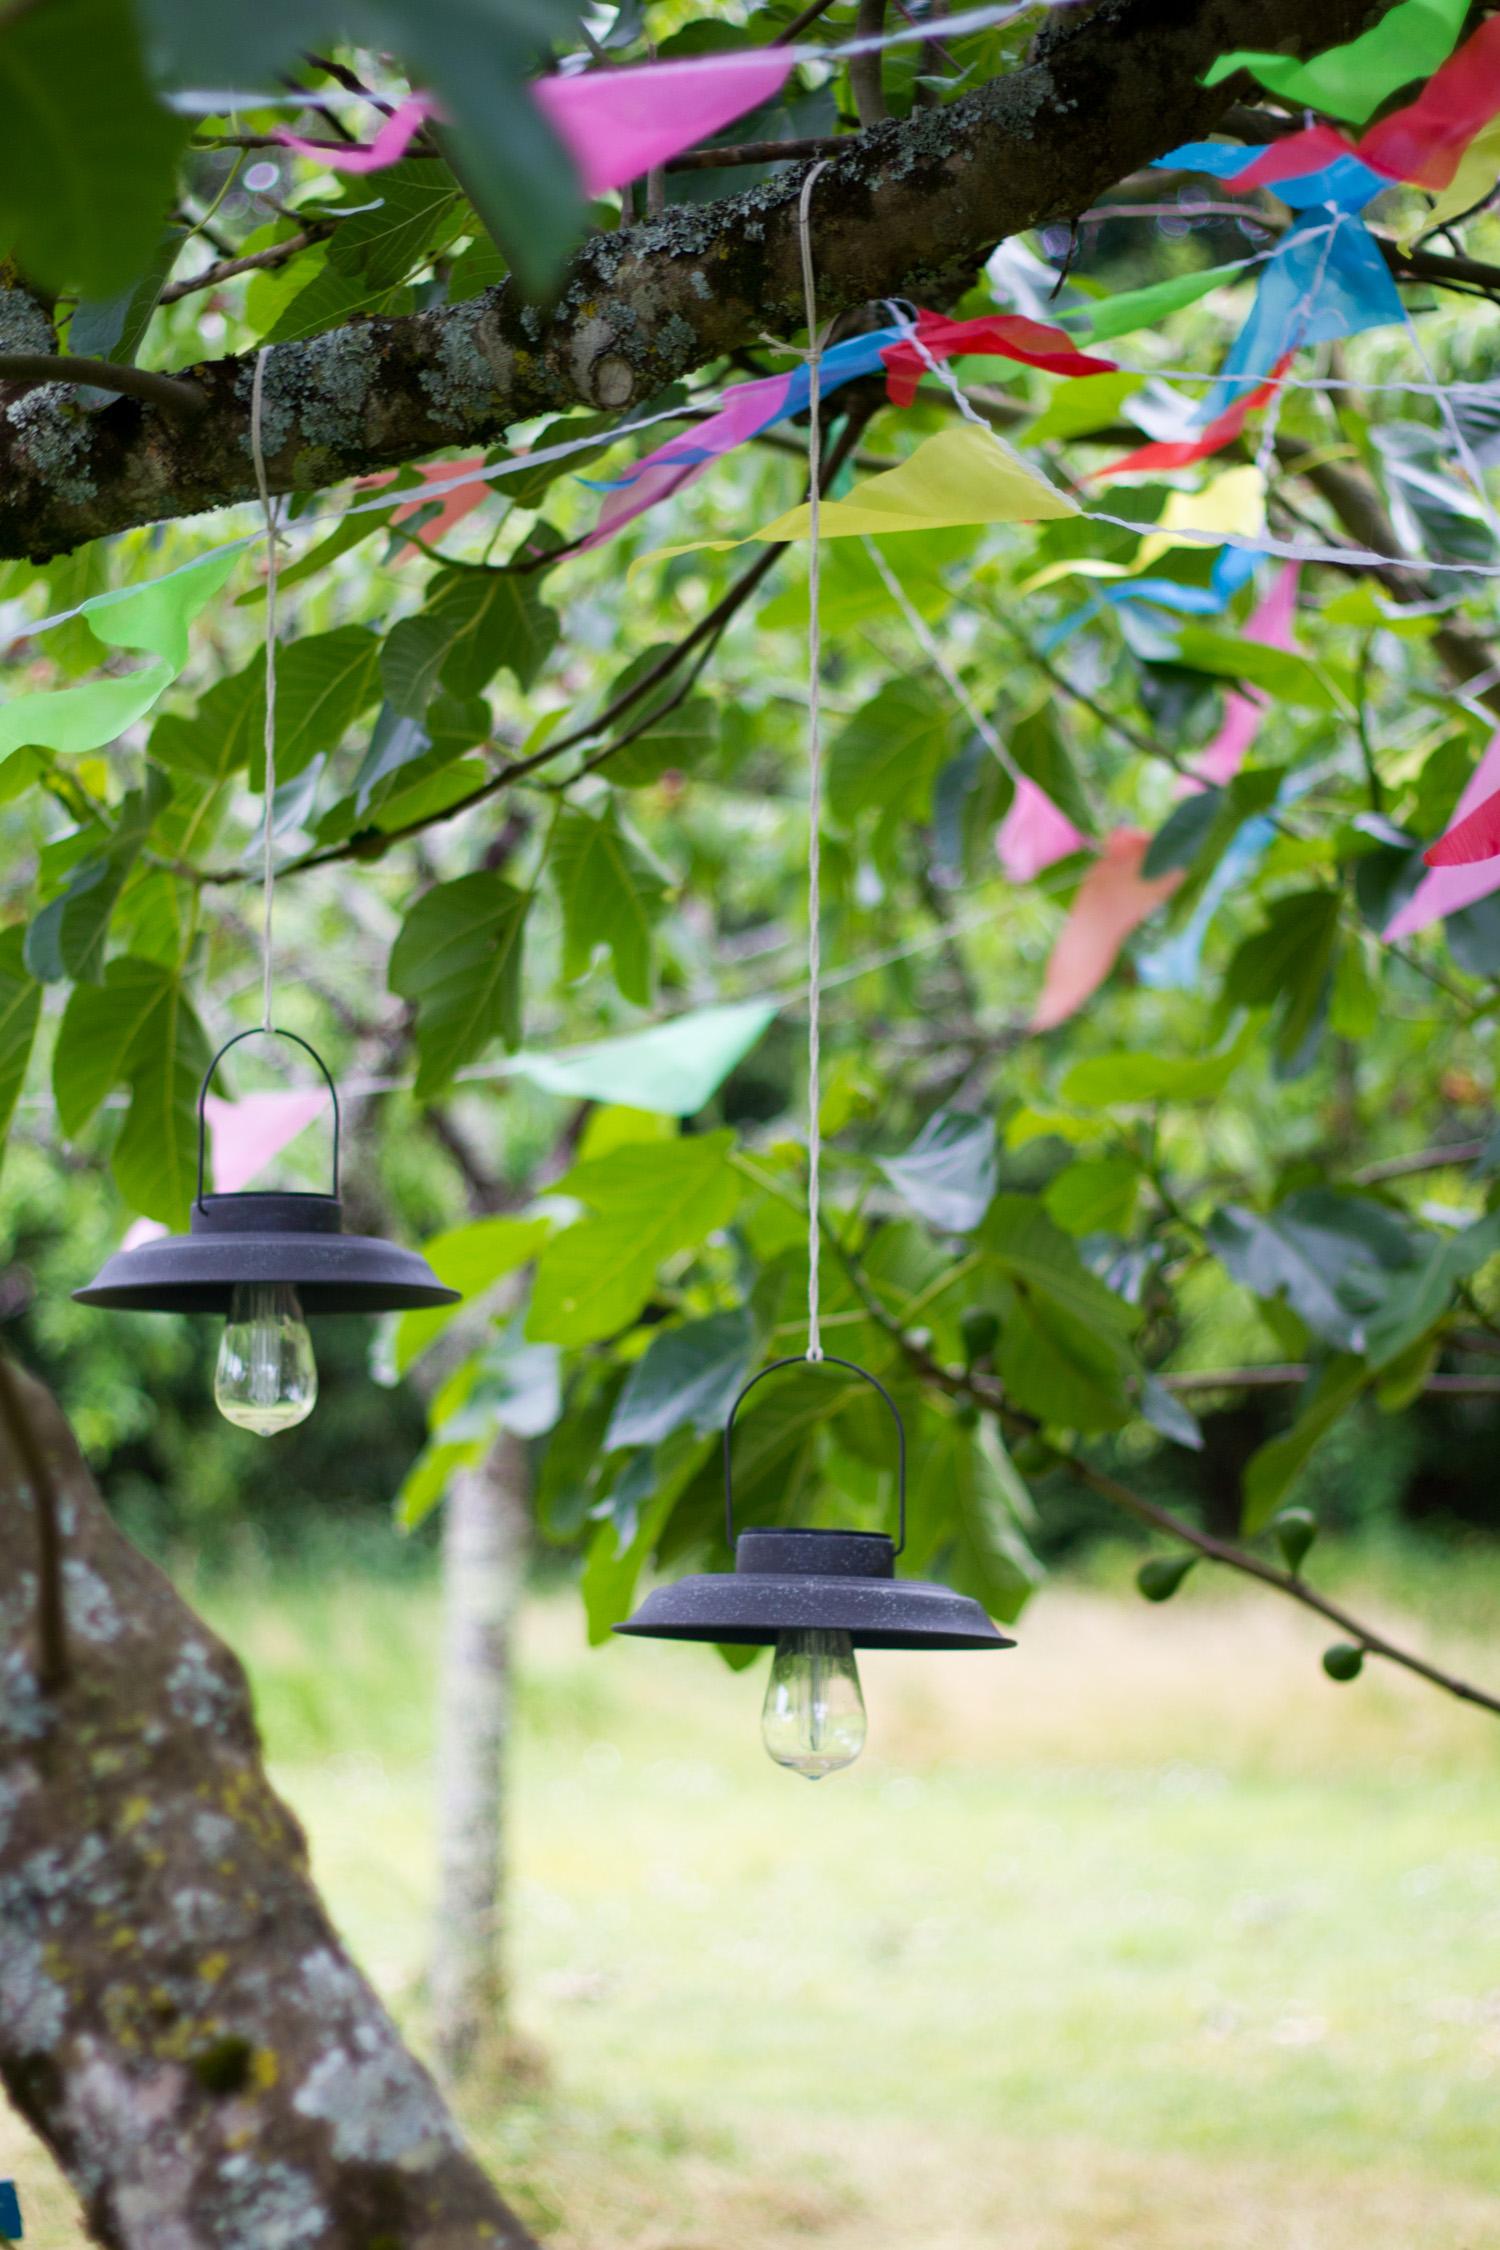 Jolie lampe solaire à suspendre dans un arbre du jardin